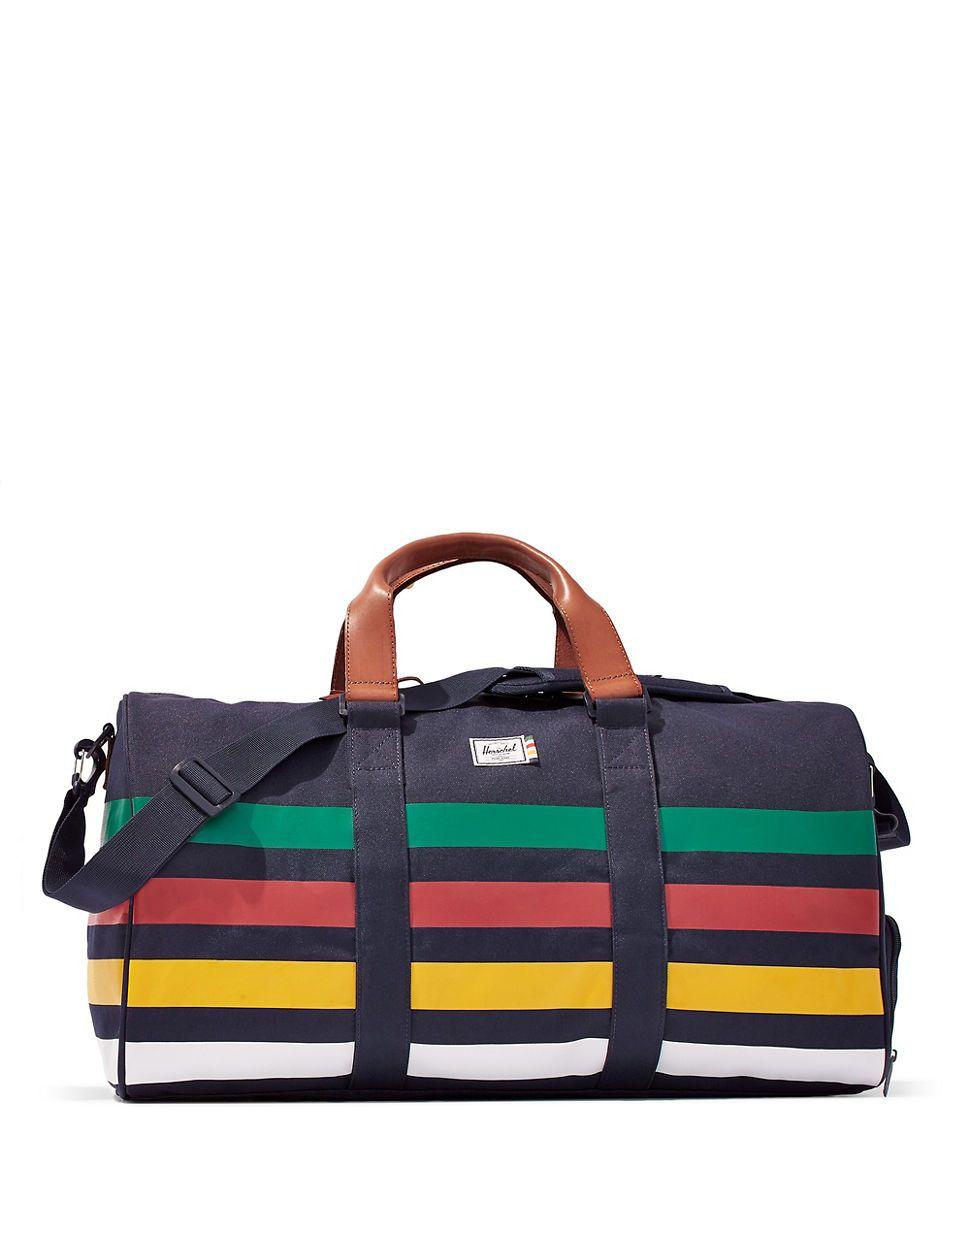 276a5b3d57 X Herschel Novel Duffle Bag